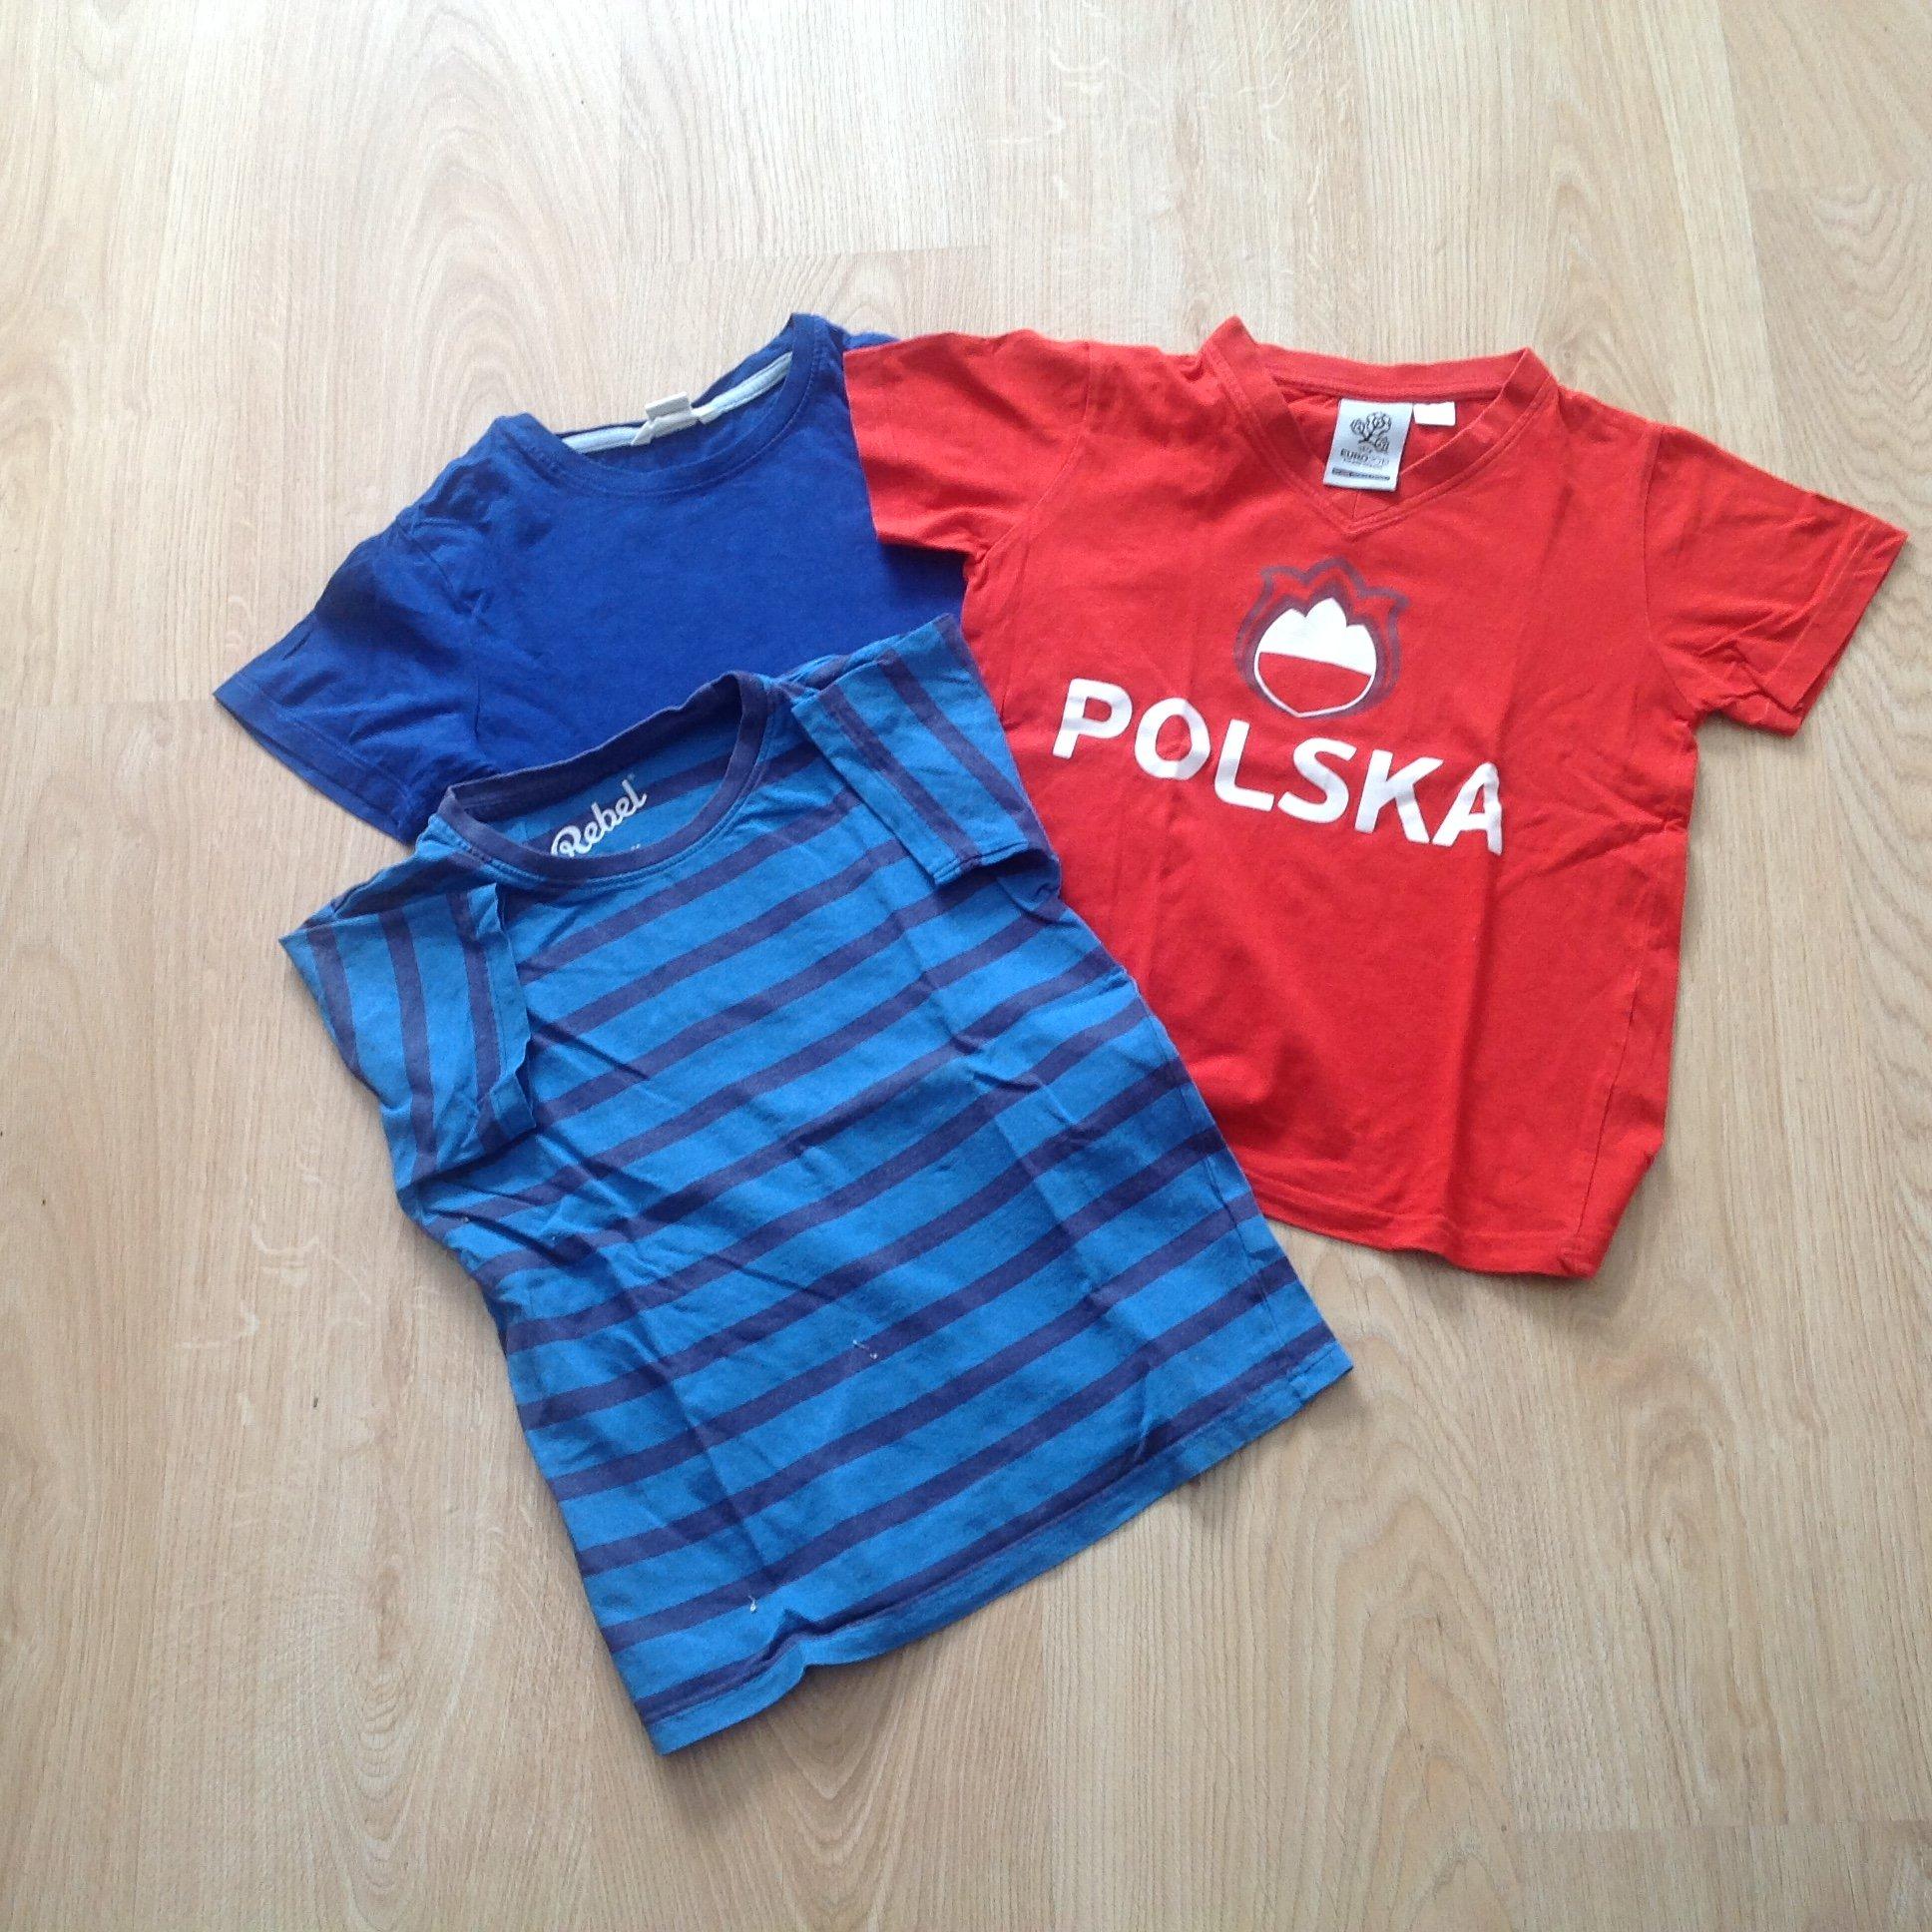 dbda84cee5 TRZY BLUZECZKI H M POLSKA ROZMIAR 122 - 6699663012 - oficjalne ...